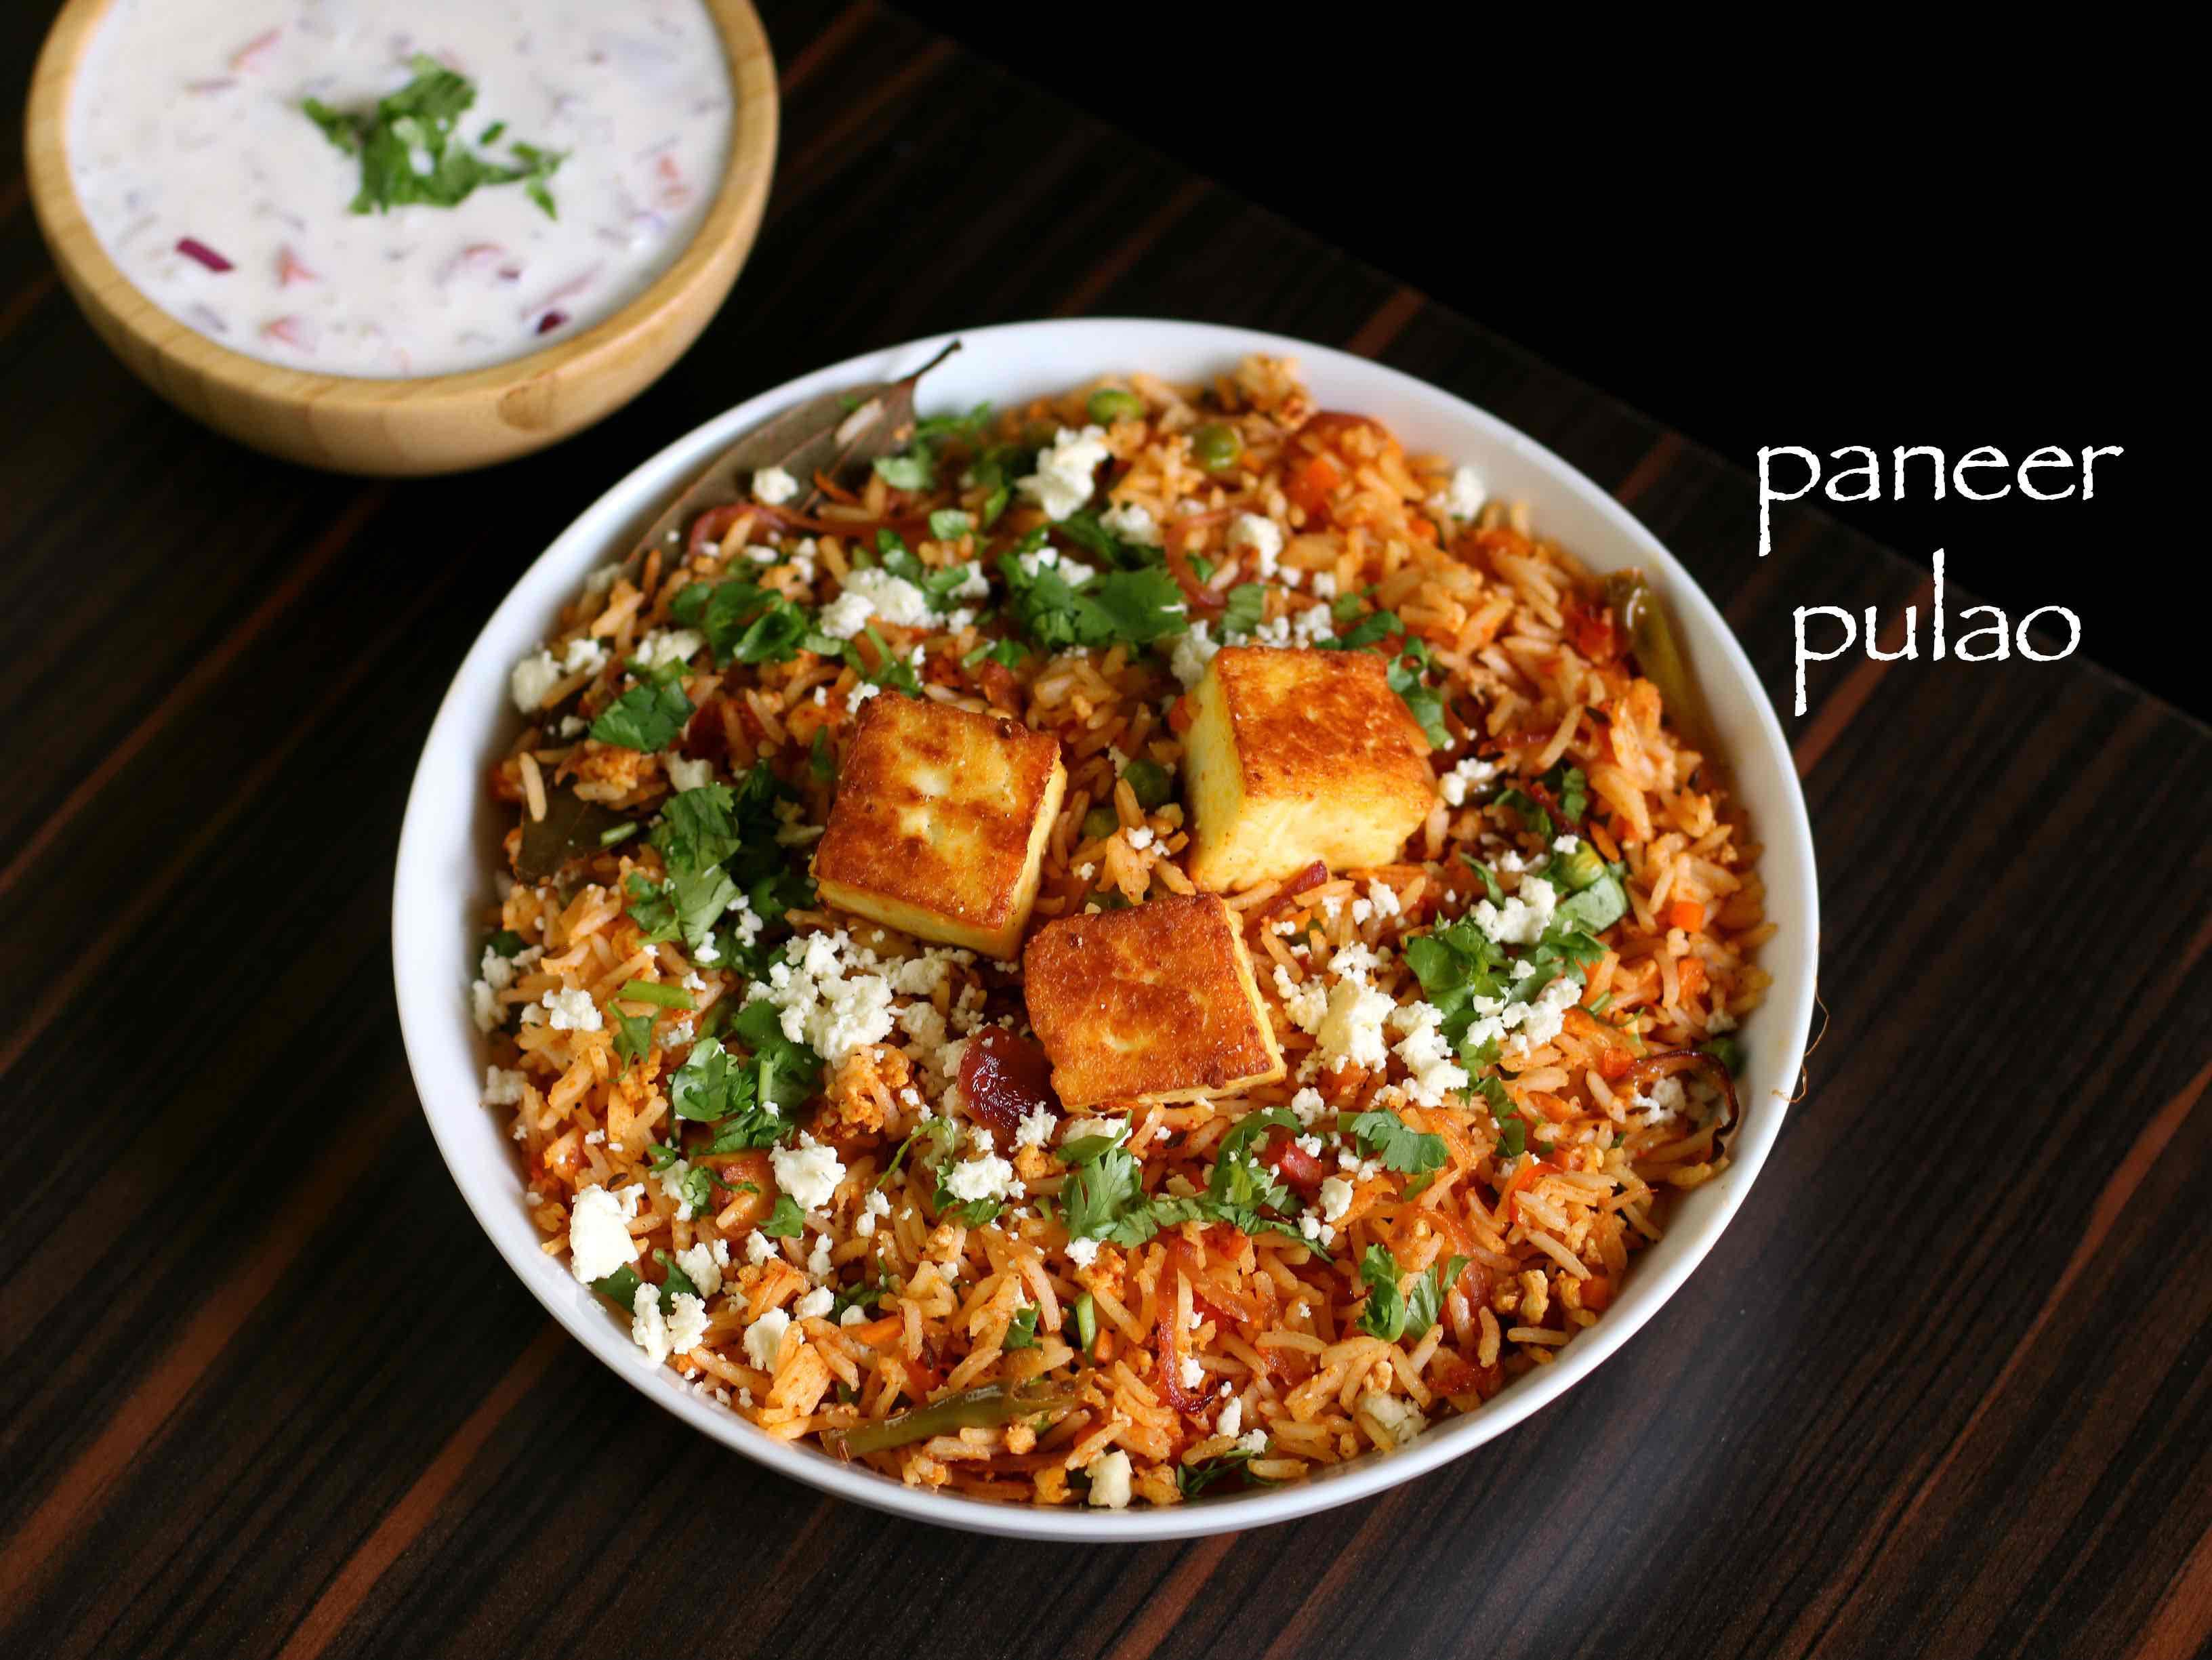 paneer pulao recipe | how to make paneer peas pulav recipe